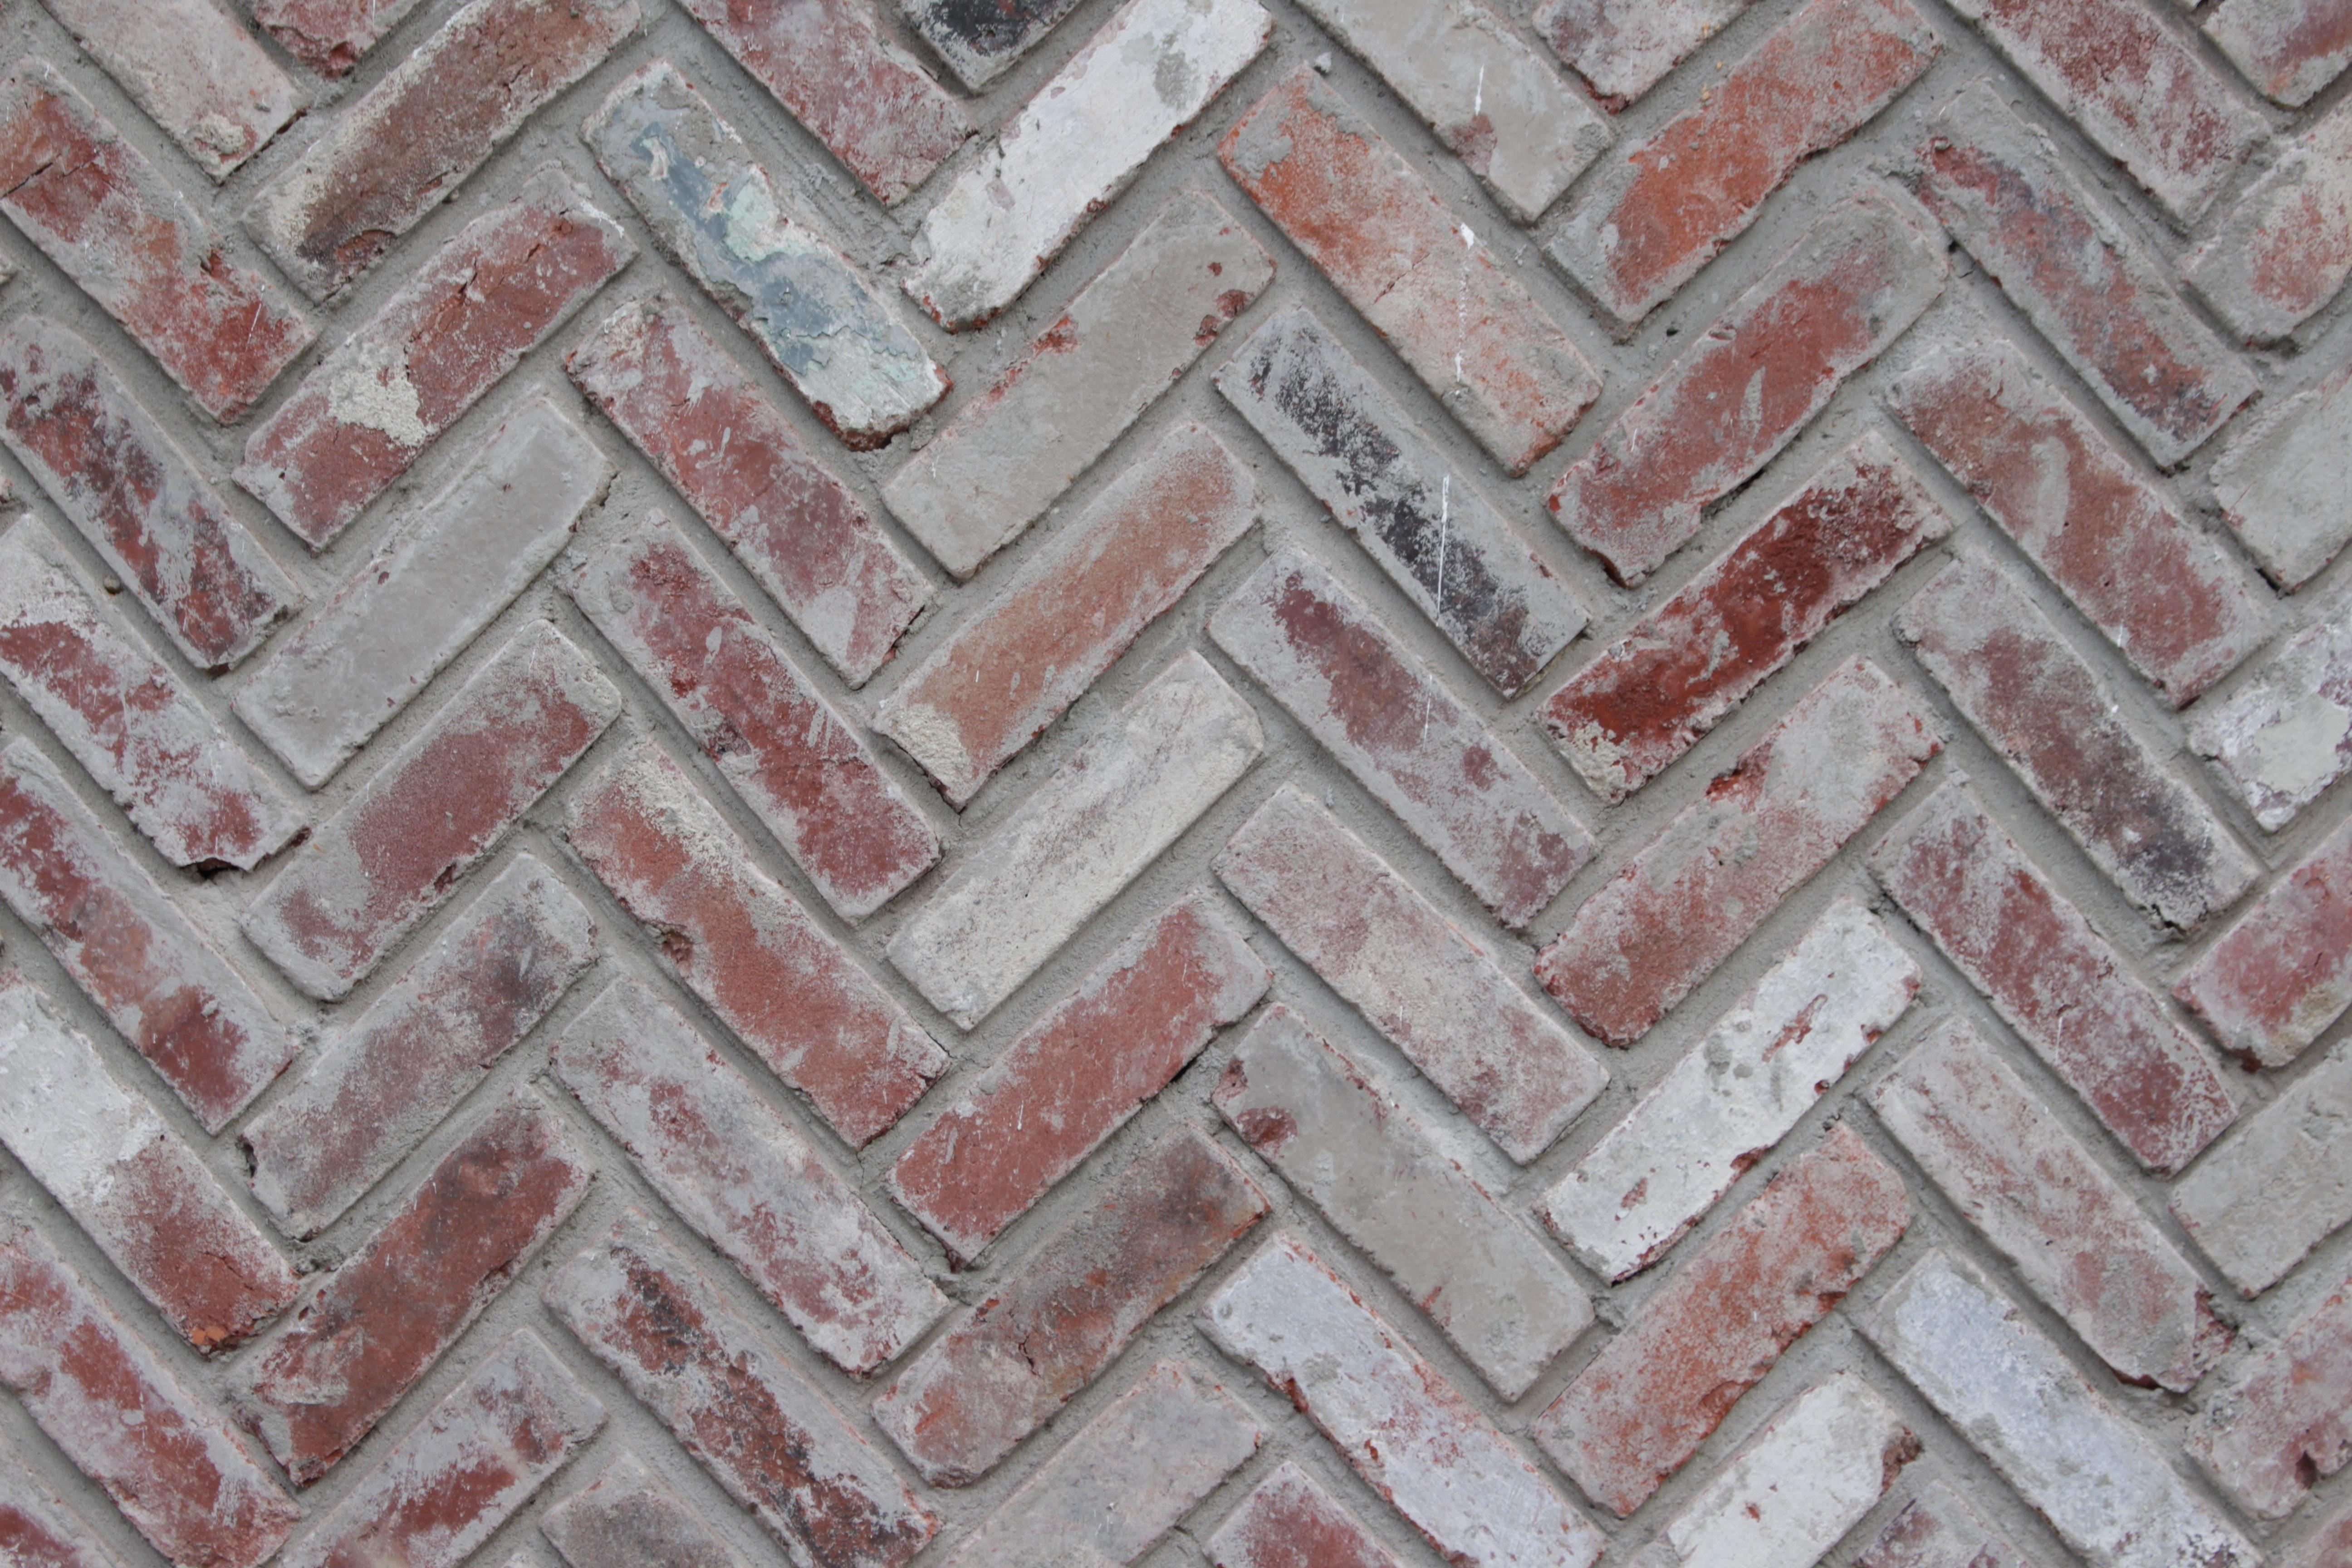 Ziegelwand symbolbild produktmanagement gehalt.a67ef7db8745640dfc4094b0b321dd33e